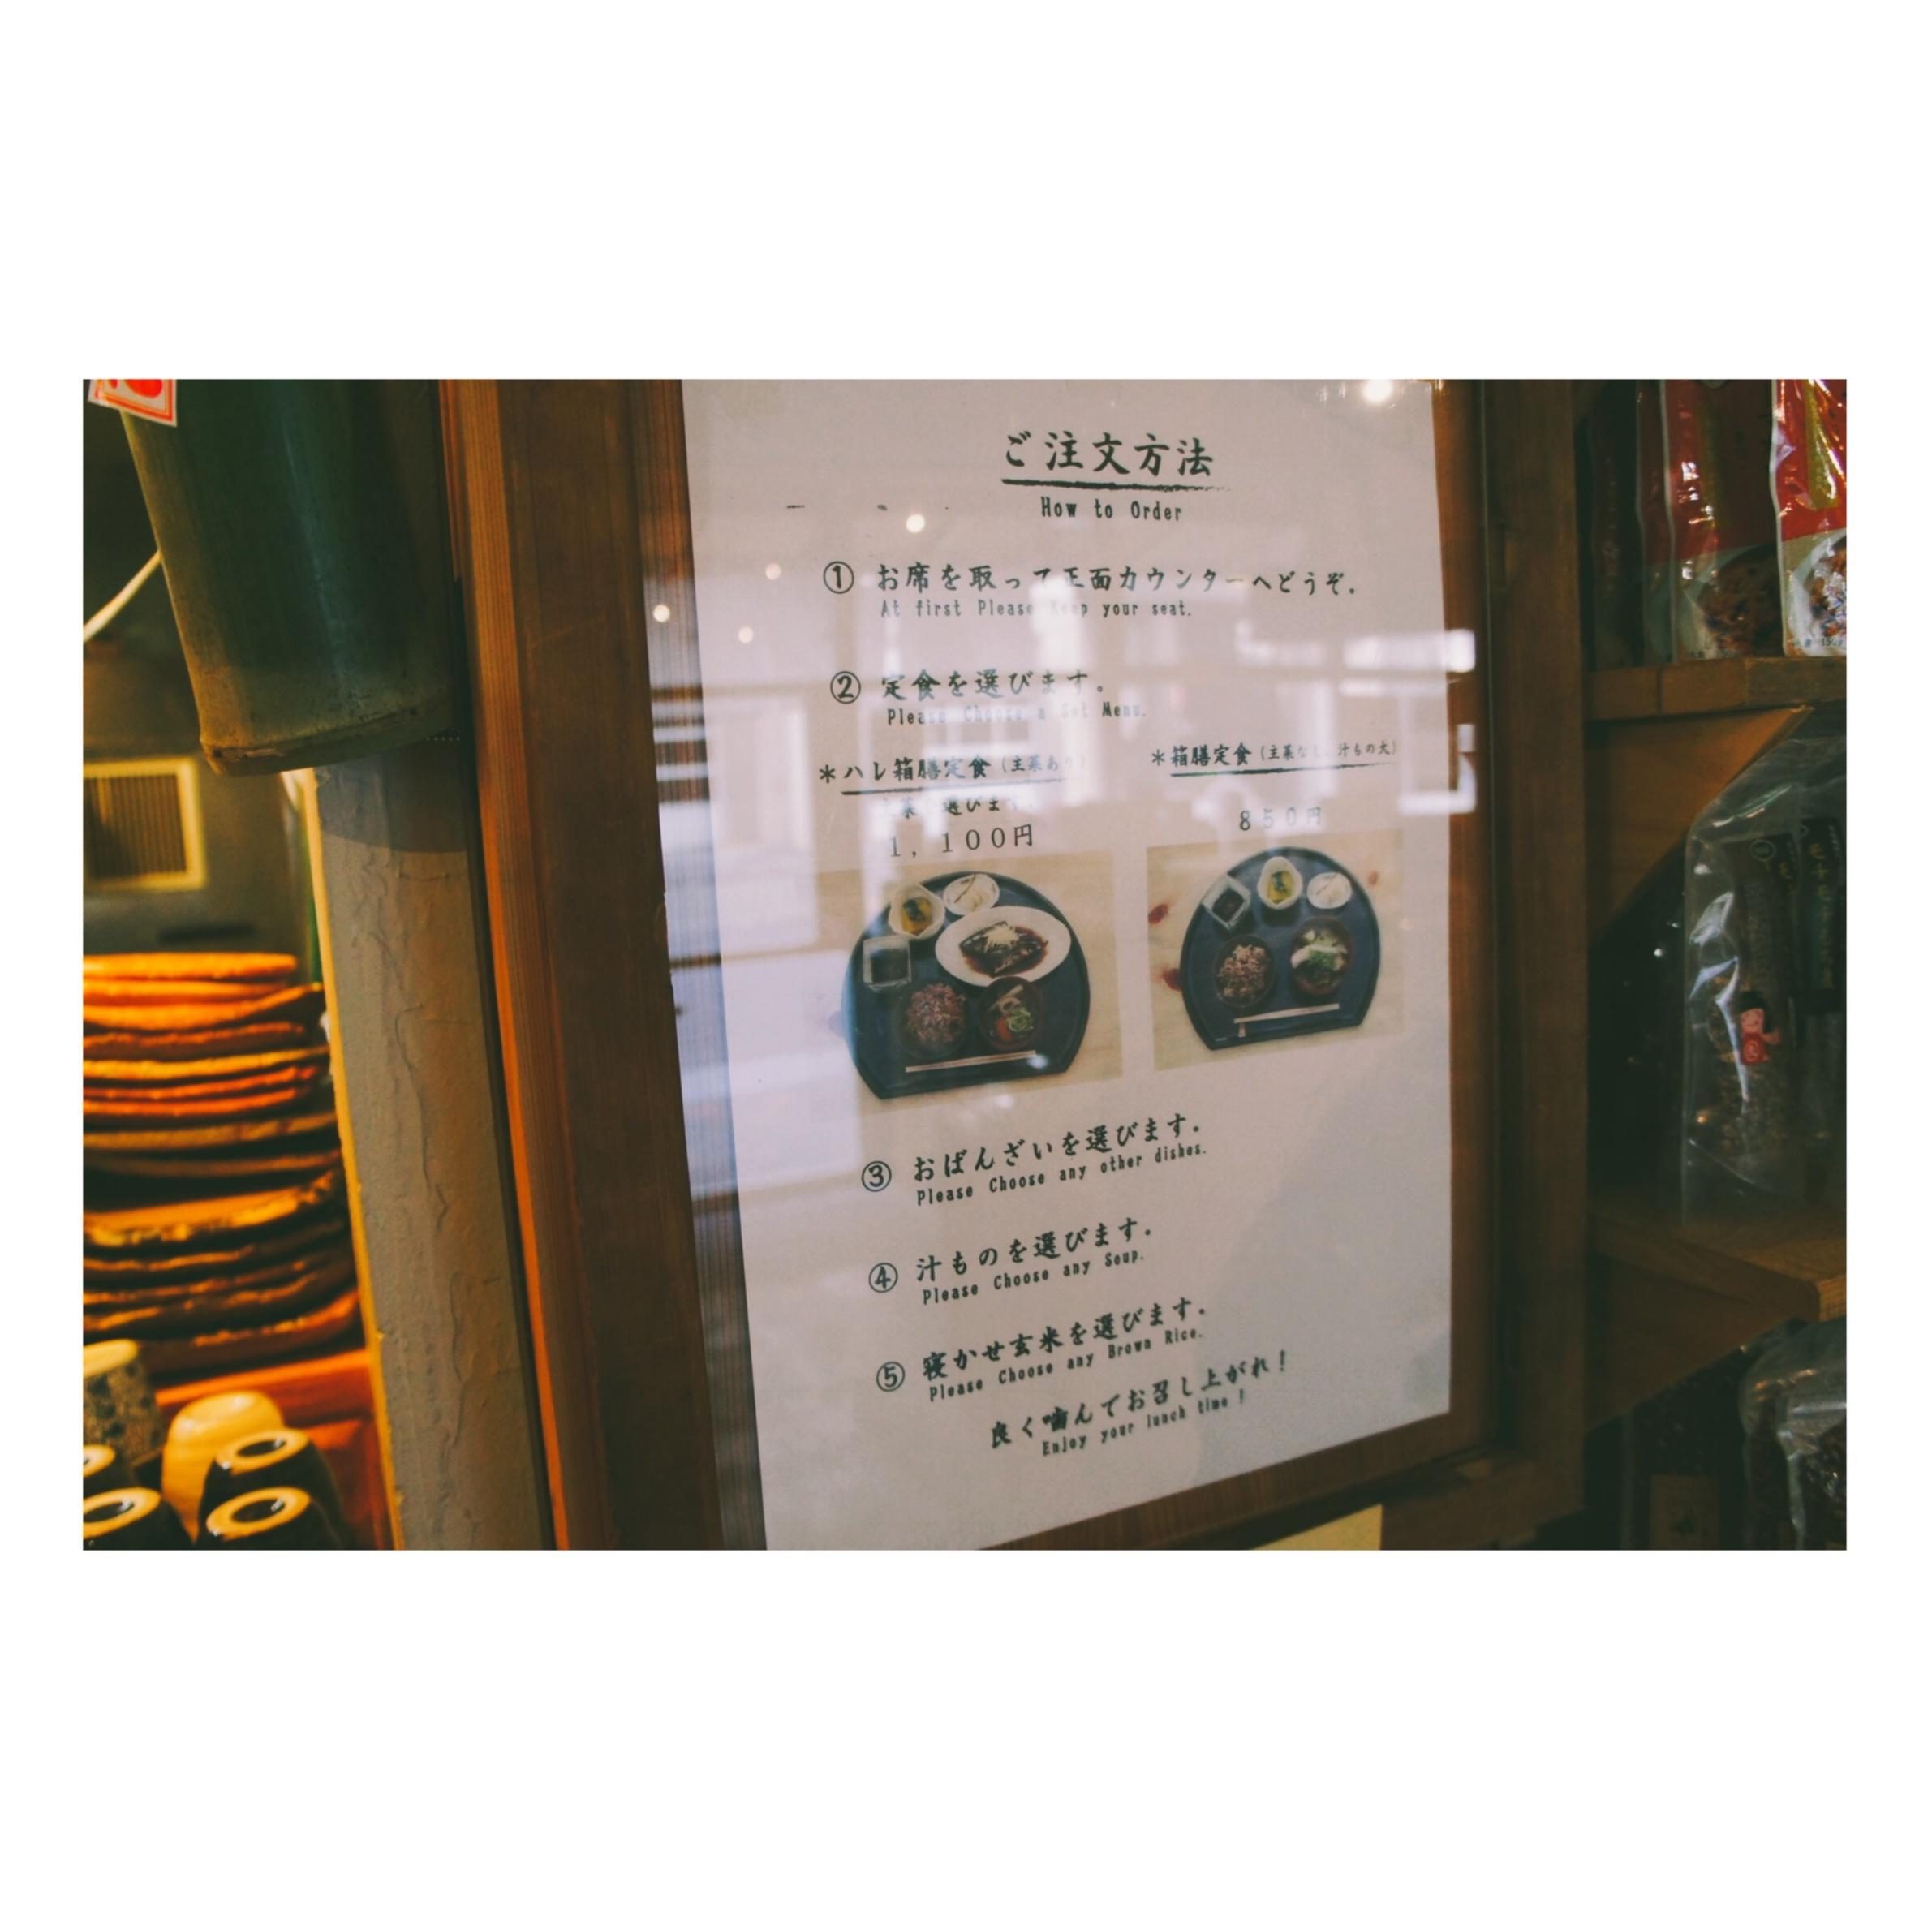 《ご当地MORE★東京》おかずや汁物の組み合わせ自由!【蔵前】の〝結わえる本店〟の寝かせ玄米定食ランチでパワーチャージ❤️_5